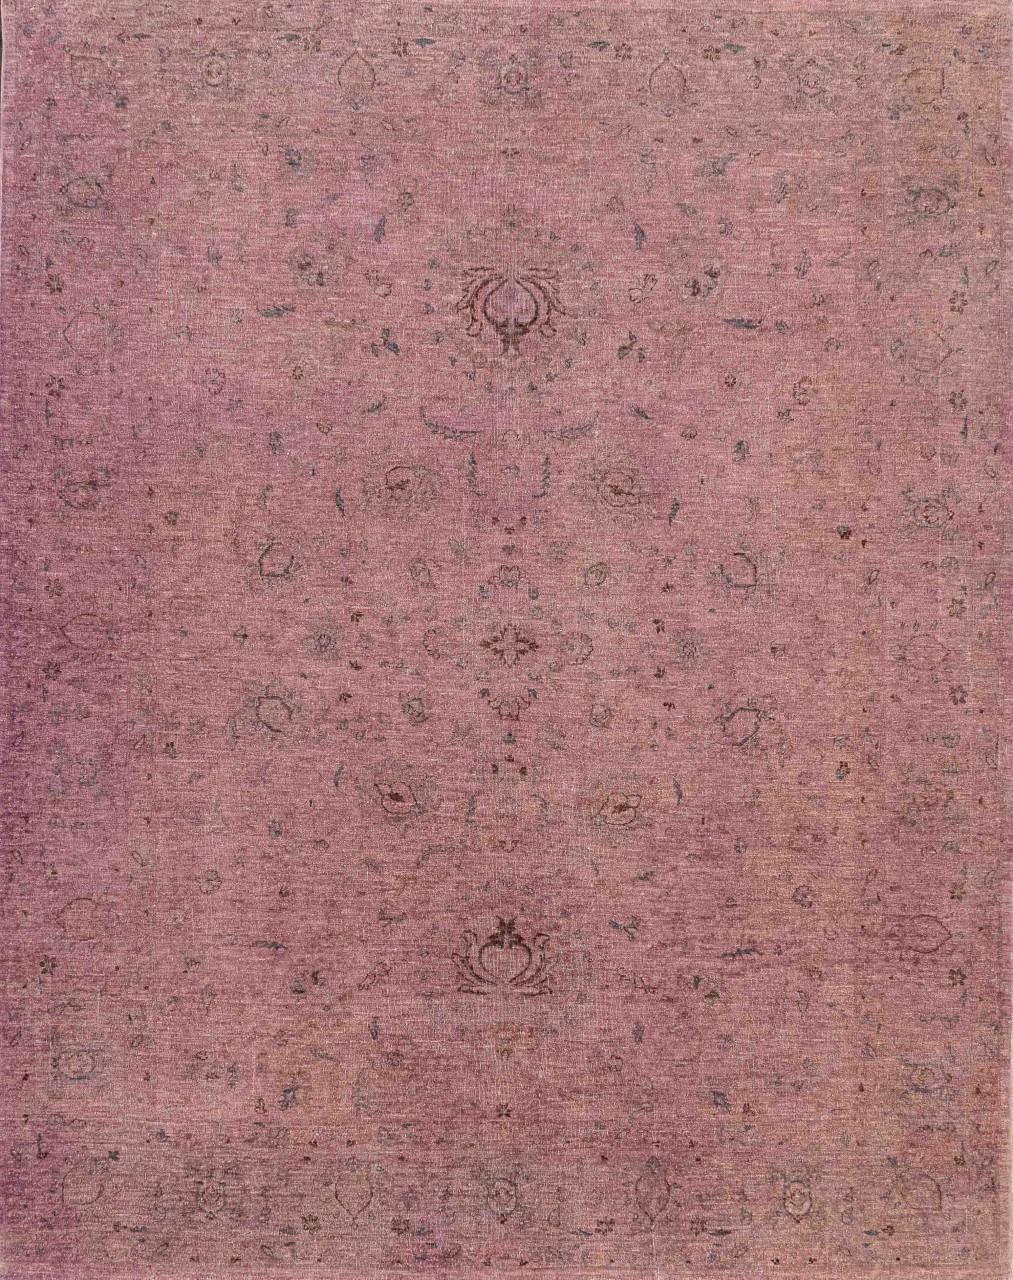 Vintage-Teppich Rosalie